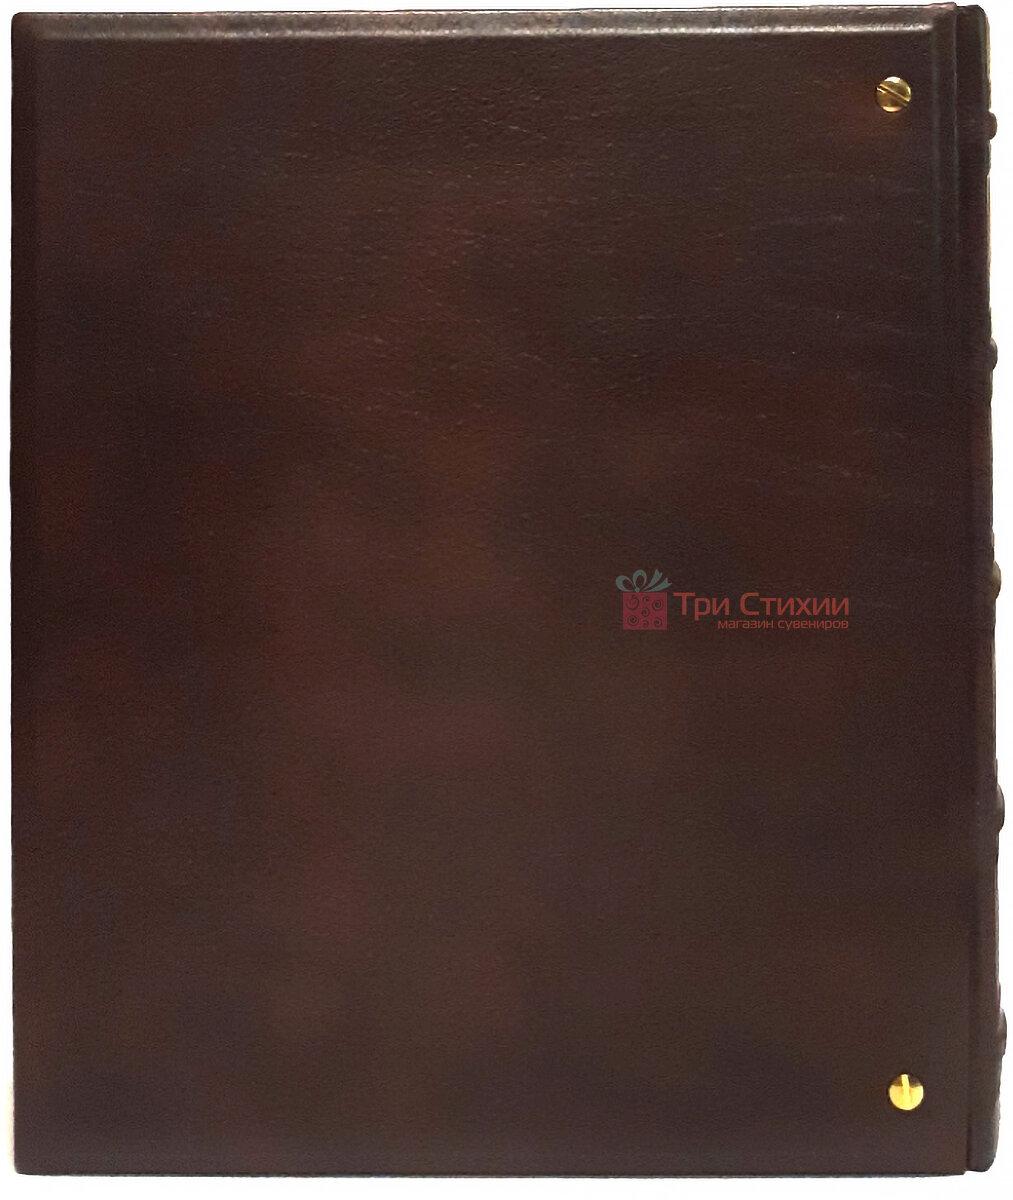 Родословная книга Макей на украинском языке (620-07-08) Коричневая, фото 4